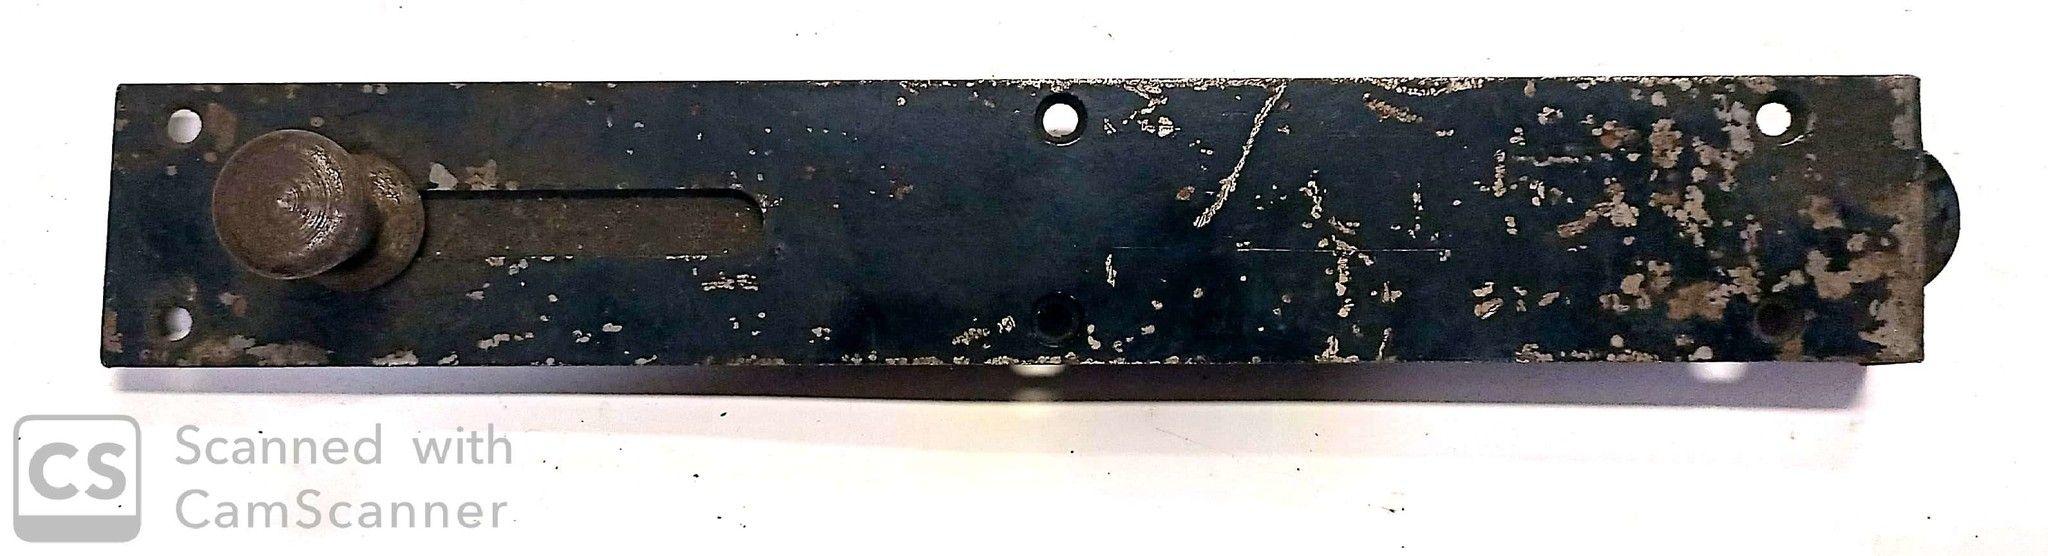 Catenaccio sottolama cm 25 tipo pesante in ferro verniciato